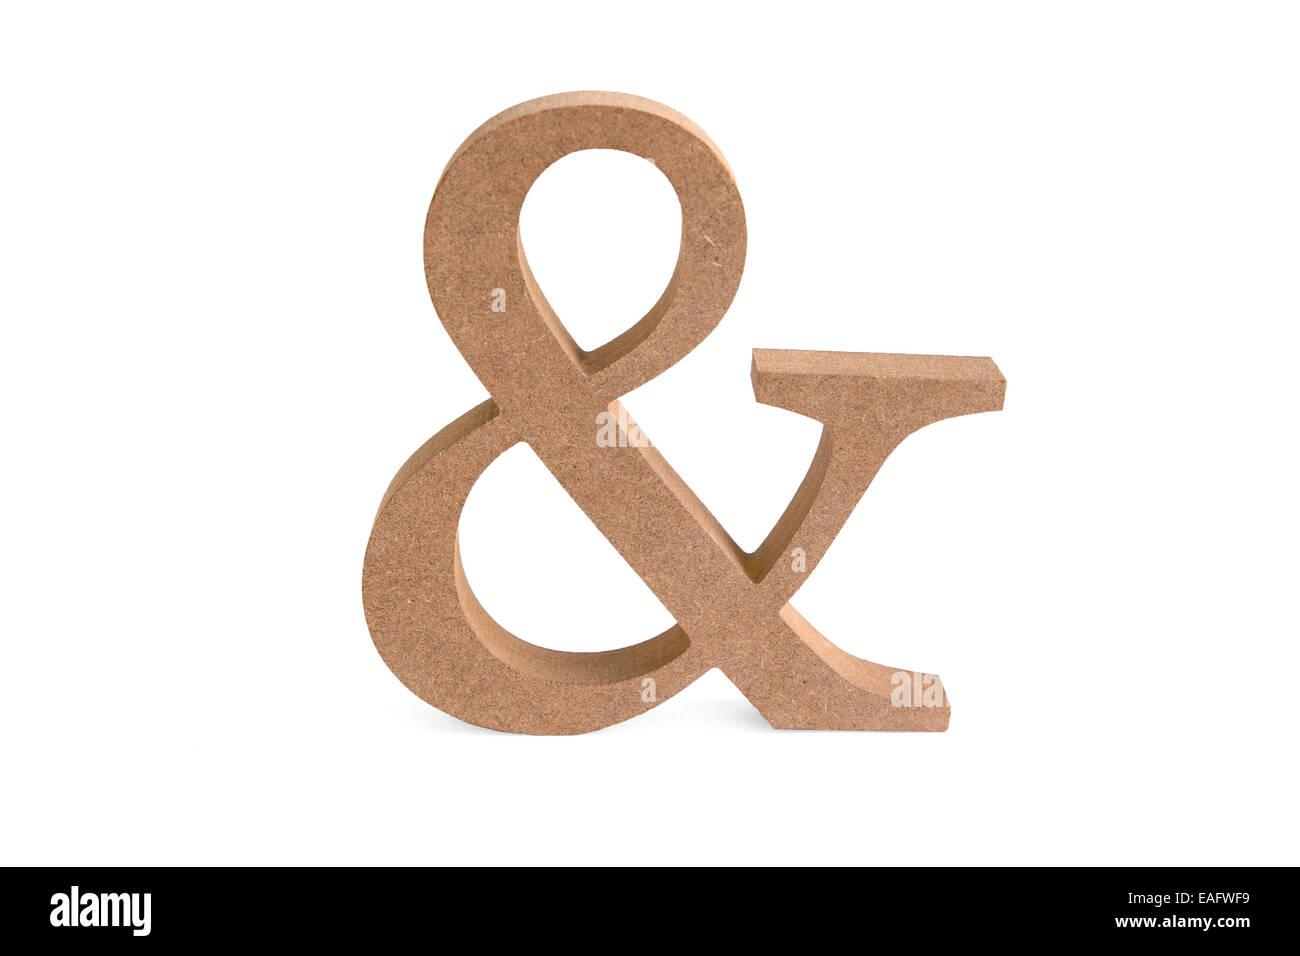 Und Zeichen gemeinsam Zusammen Holz Maserung Sperrholz Buche Eiche Eichenholz Laser gelasert ausgeschnitten geschnitten - Stock Image